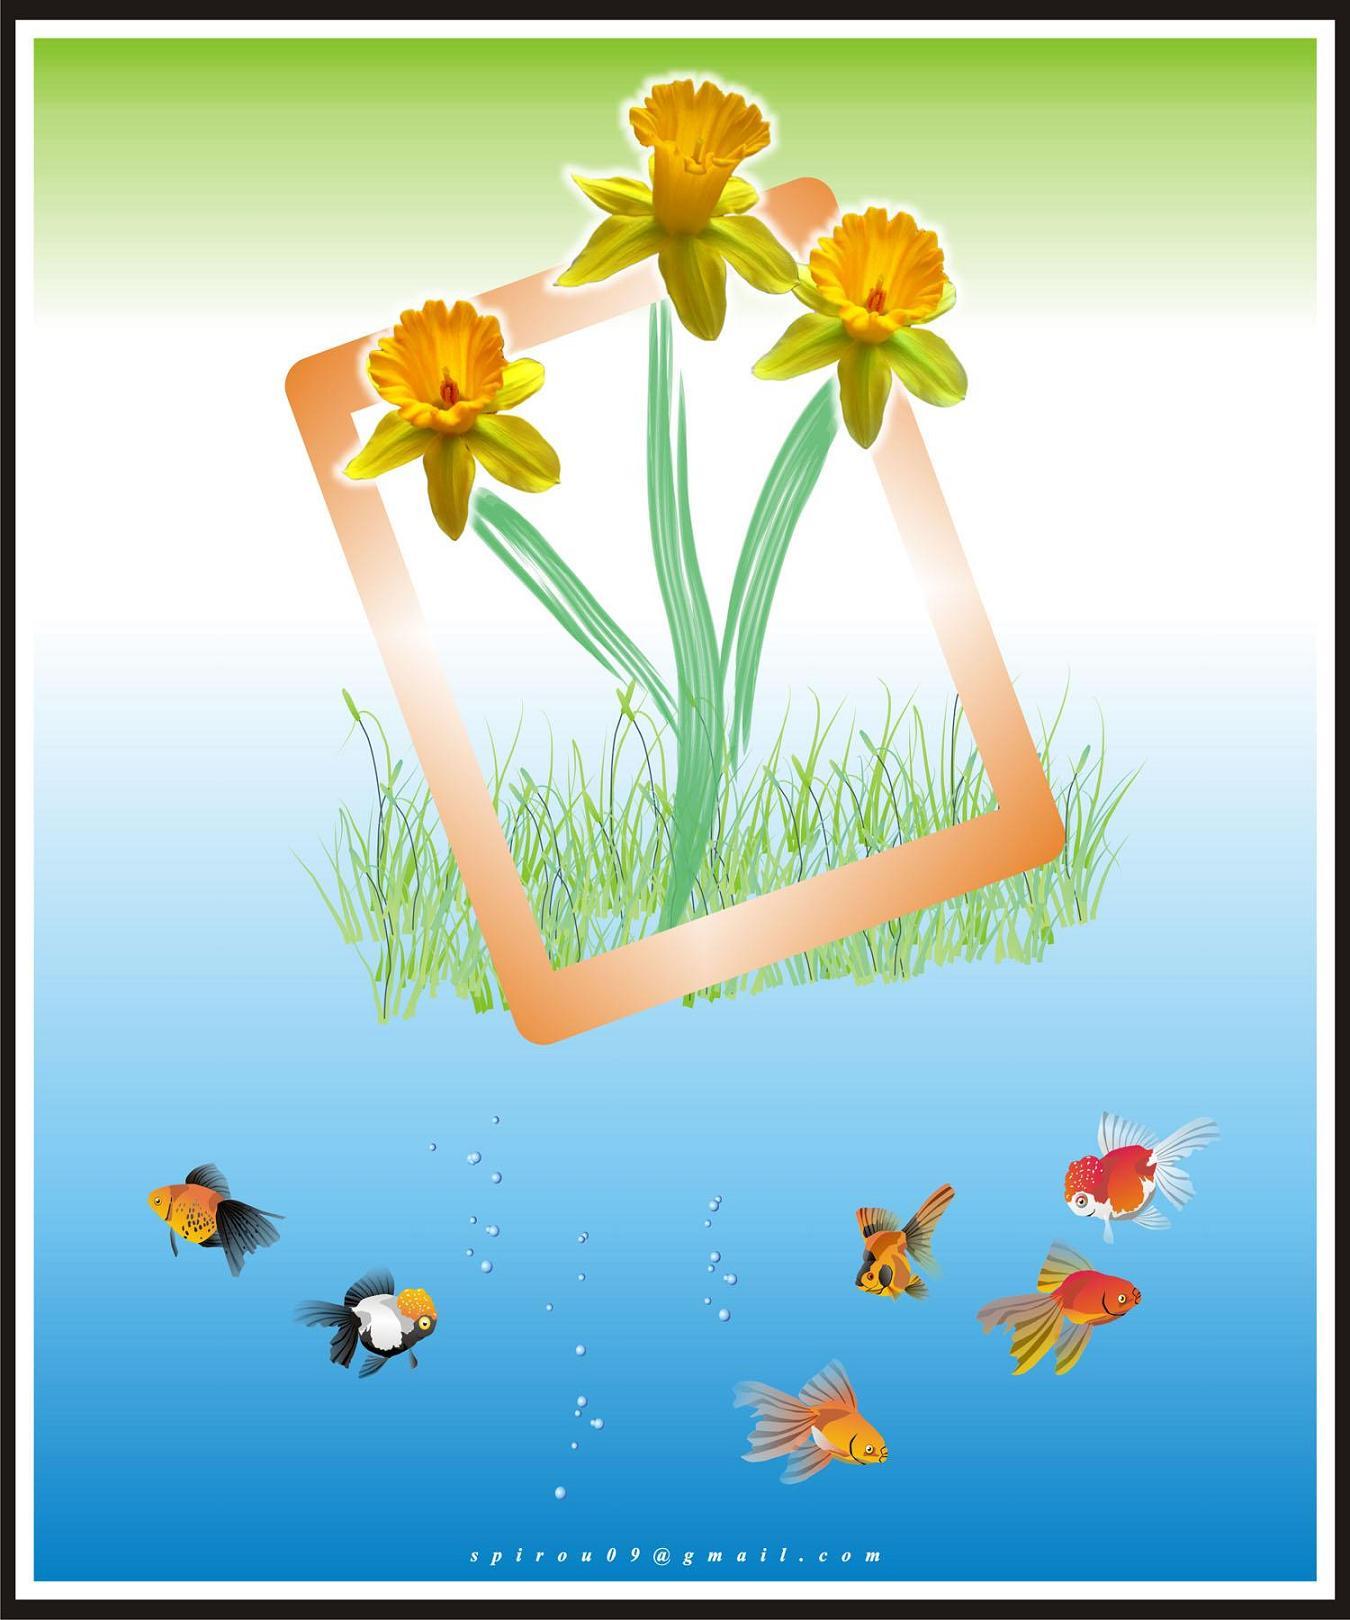 پوسترهای ویژه نوروز ۹۲